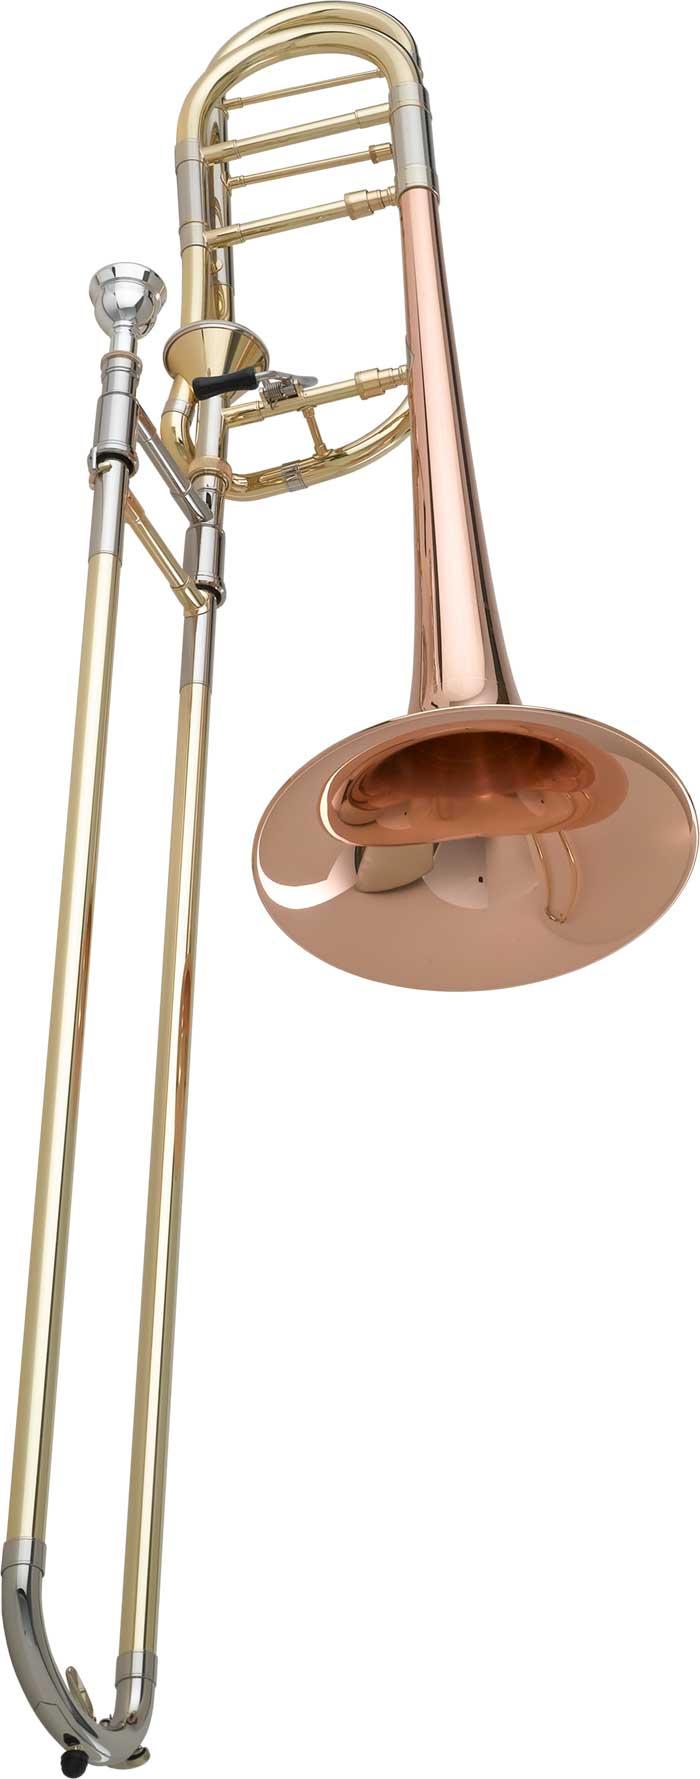 Getzen 3047AFR Tenor Trombone